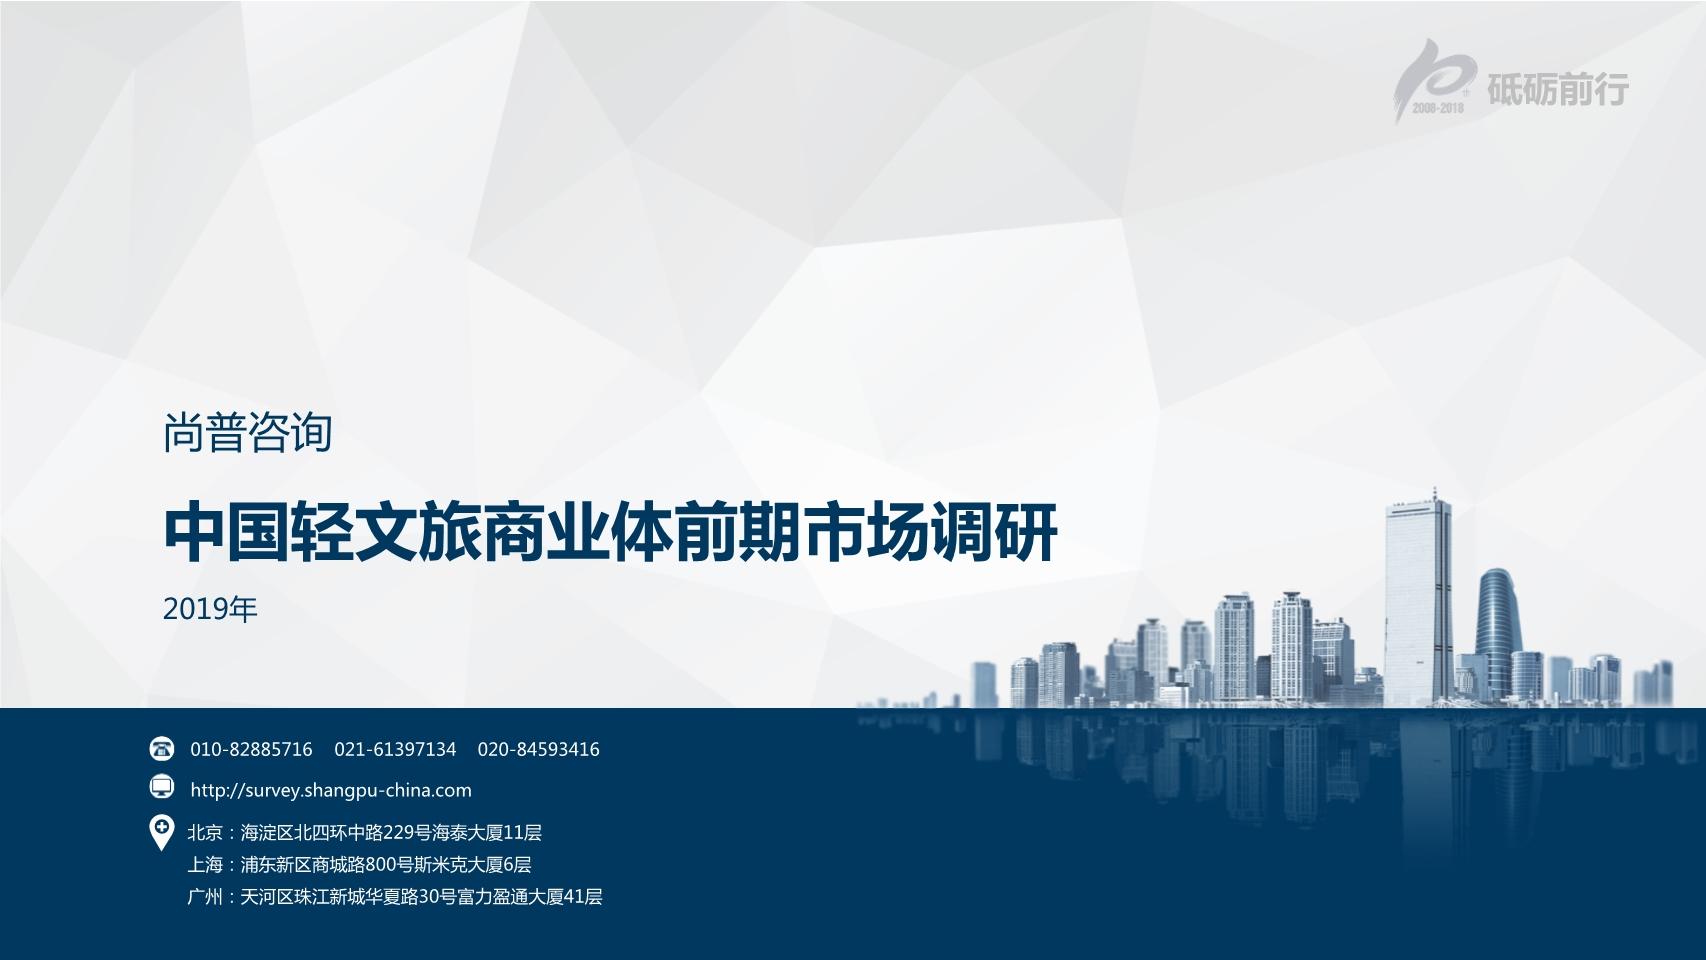 尚普咨询-中国轻文旅商业体前期市场调研